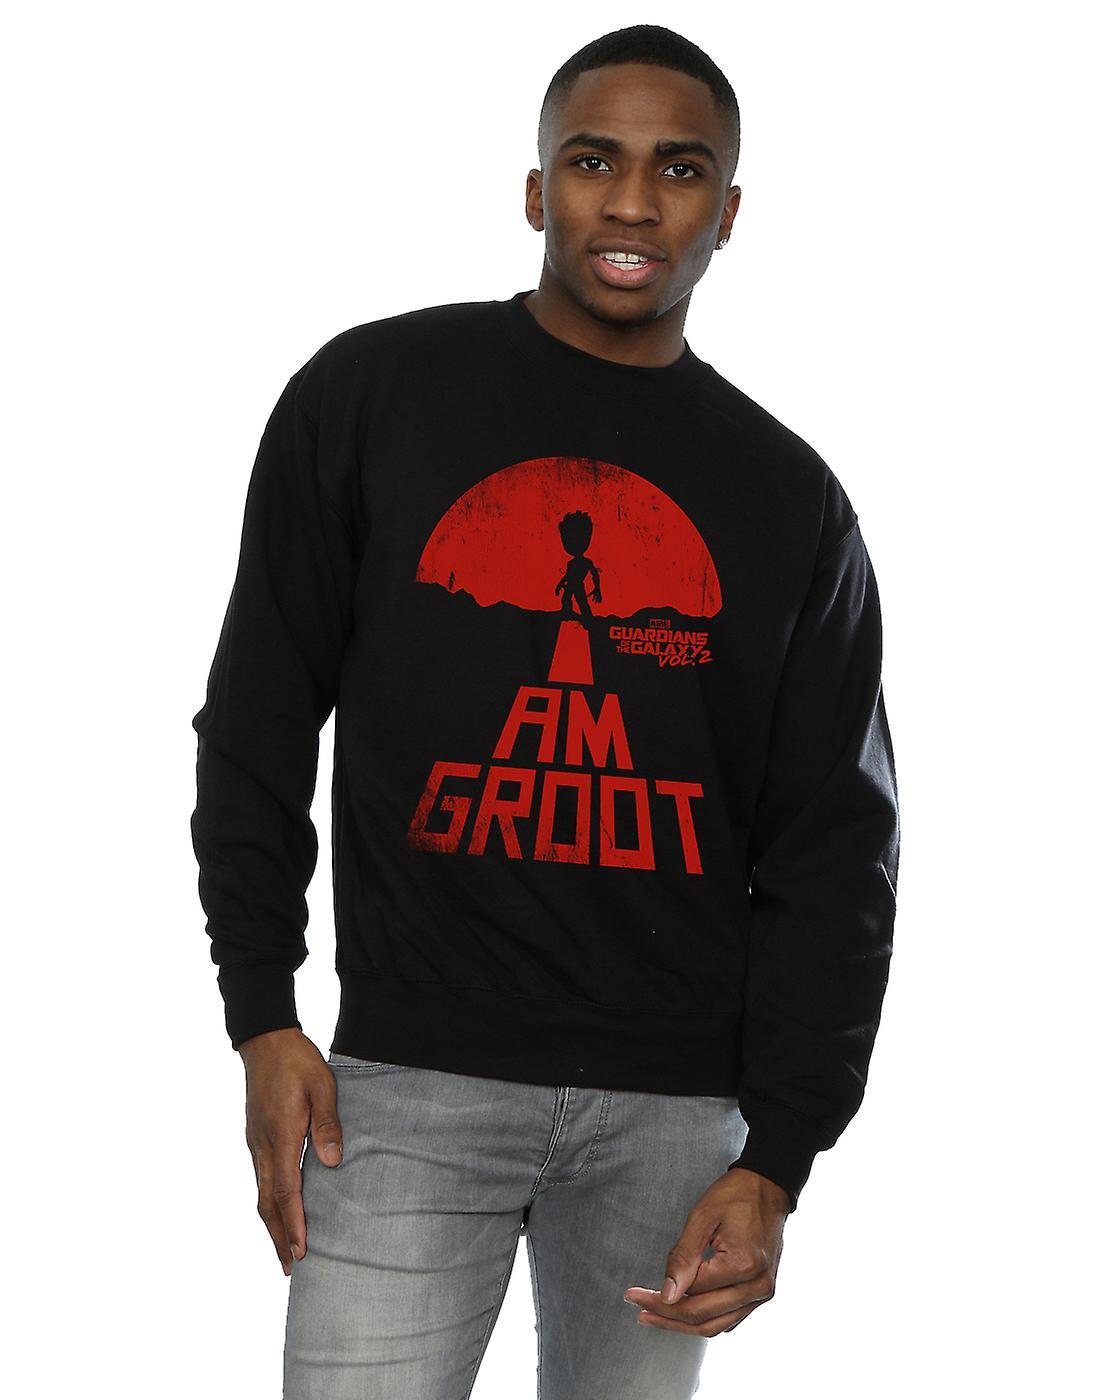 Herren Wächter zu bestaunen der Galaxie bin ich Groot rotes Sweatshirt 44cfc079cf